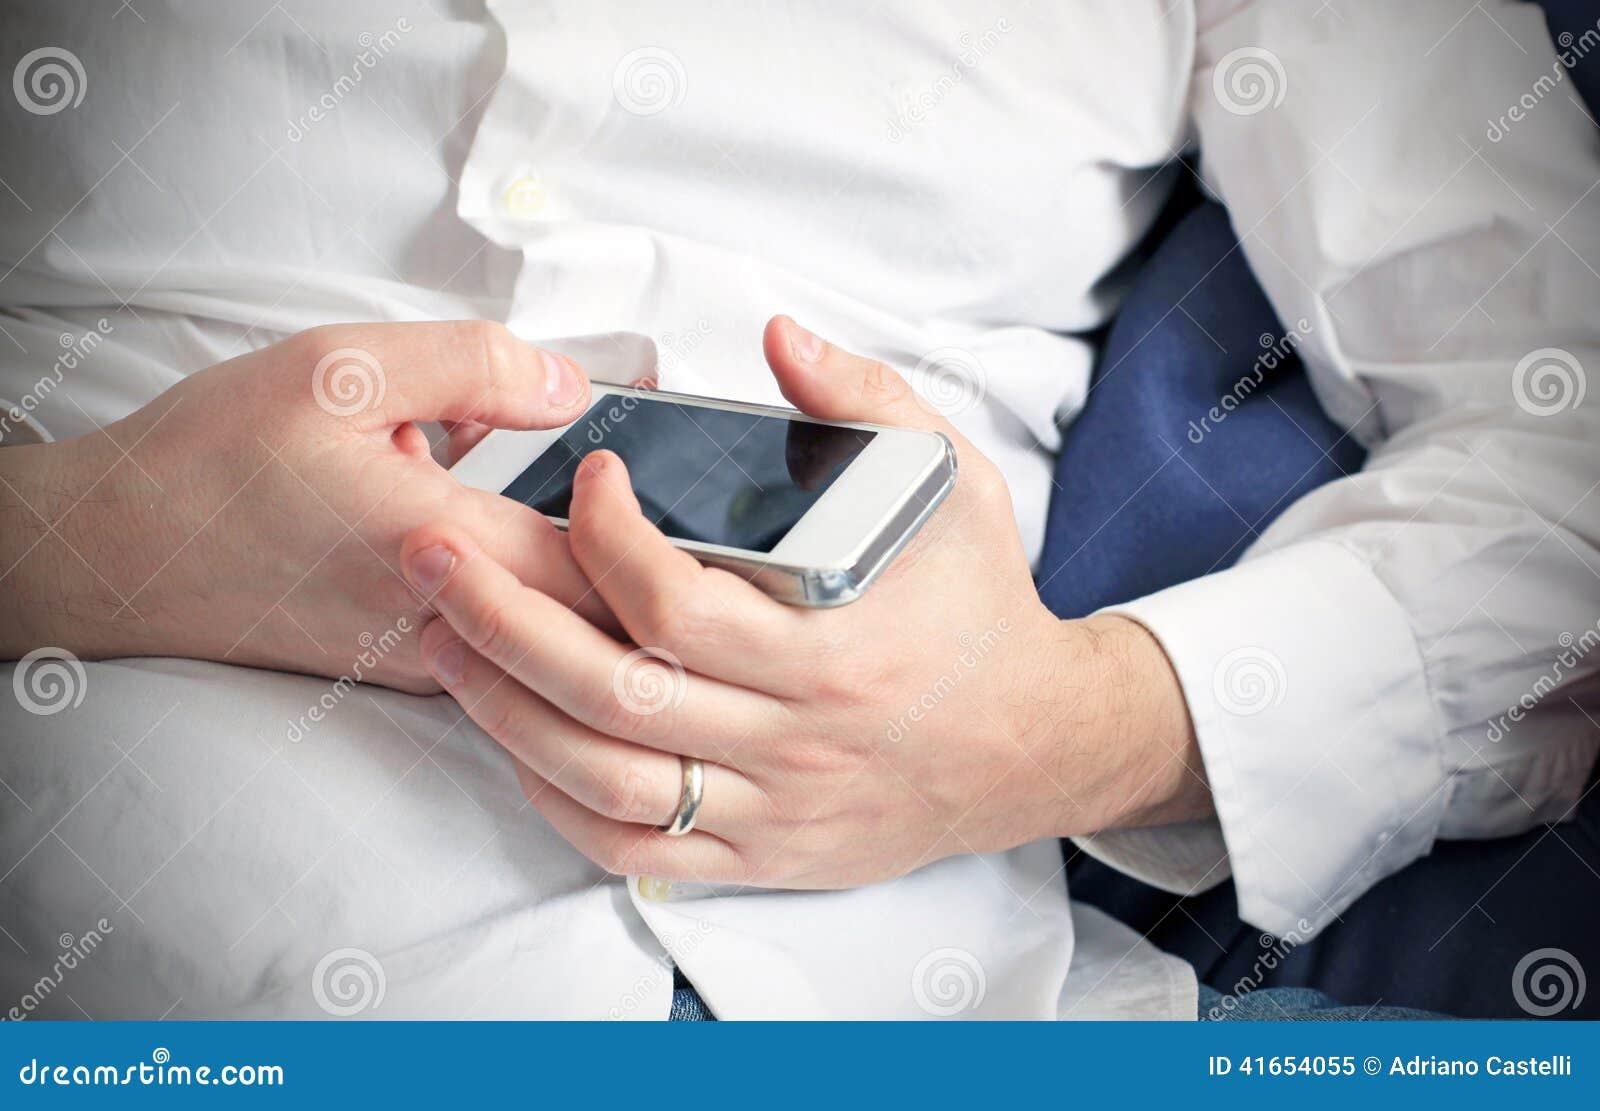 Соединяться через smartphone